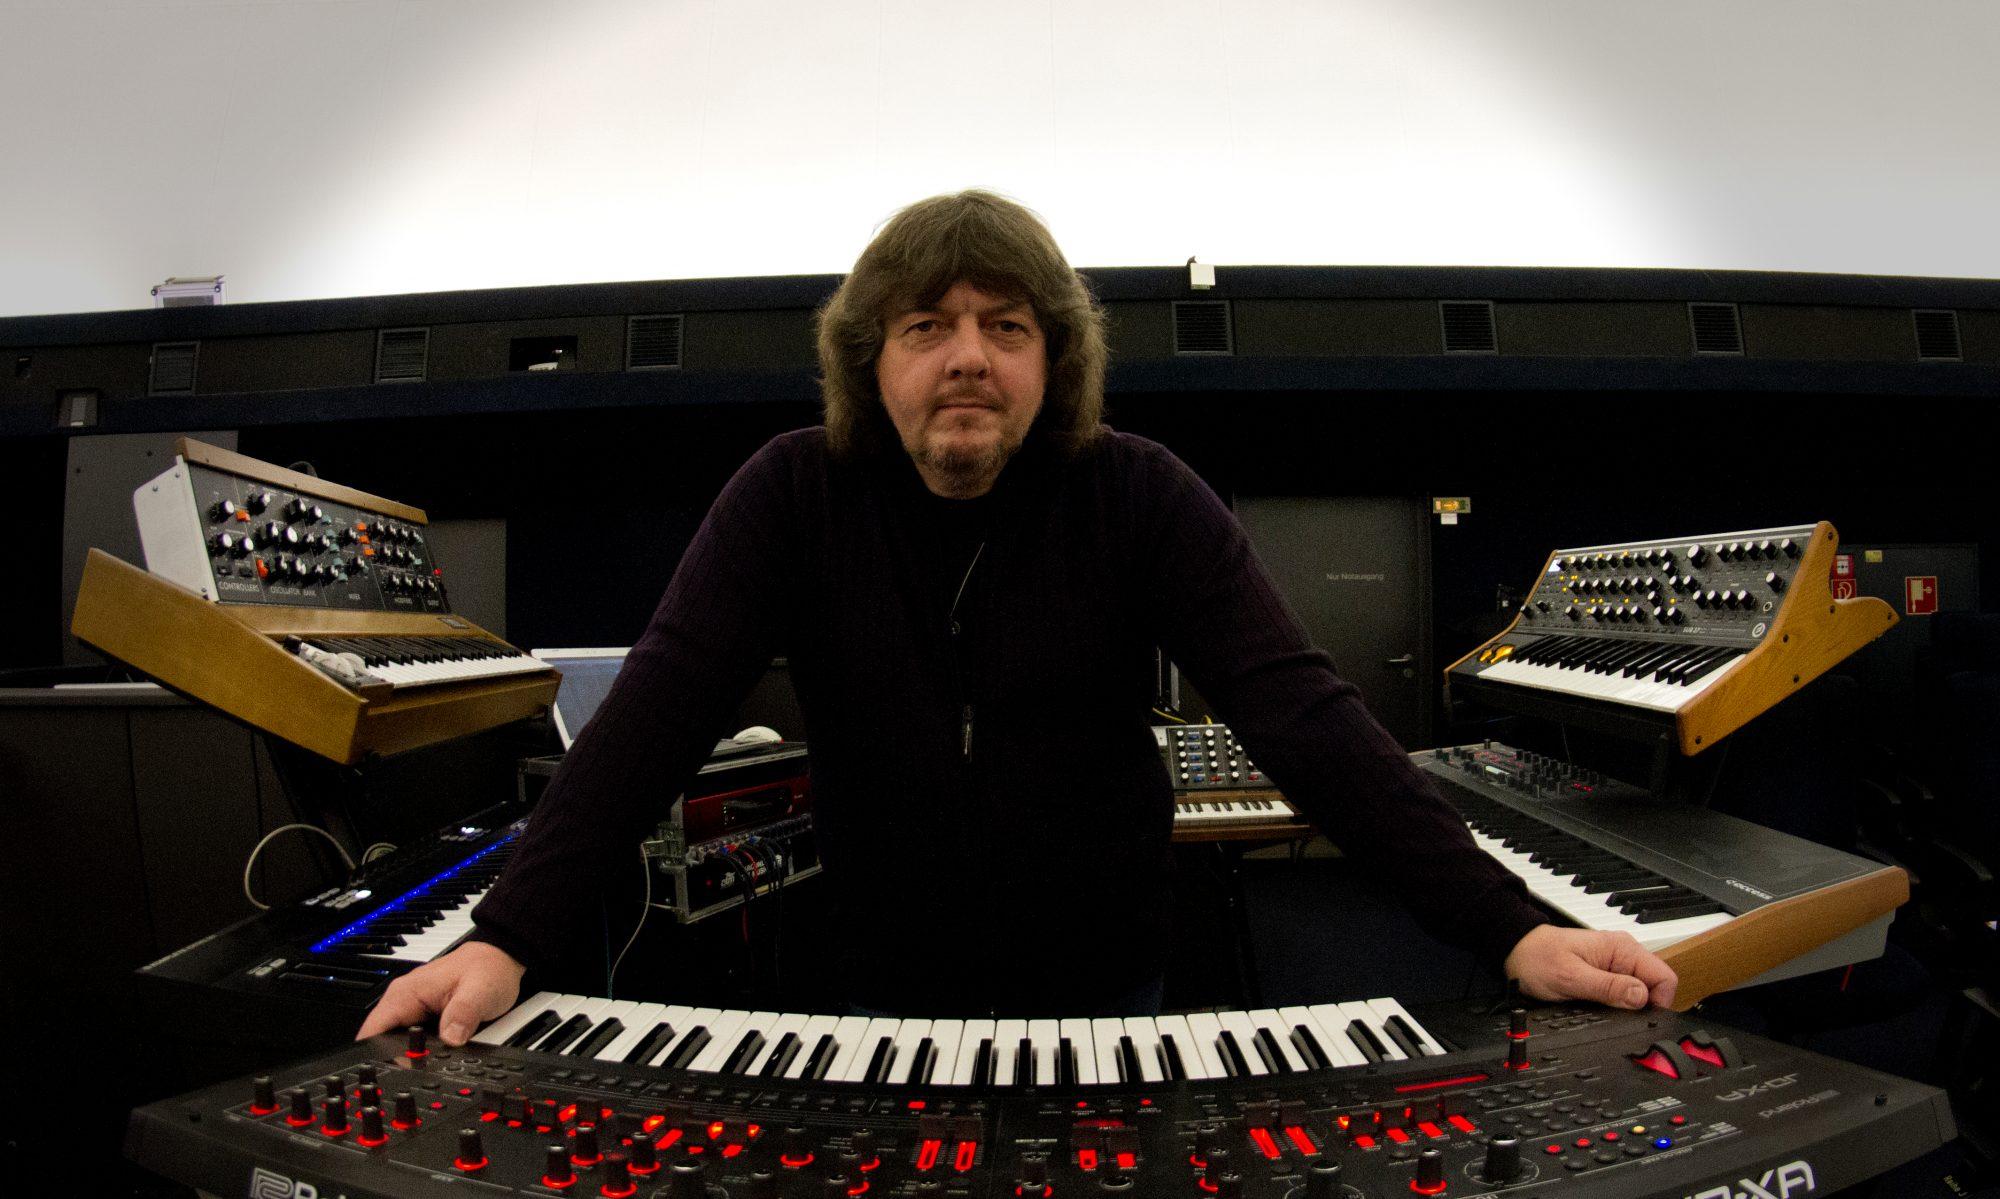 Bernd Kistenmacher - Composer